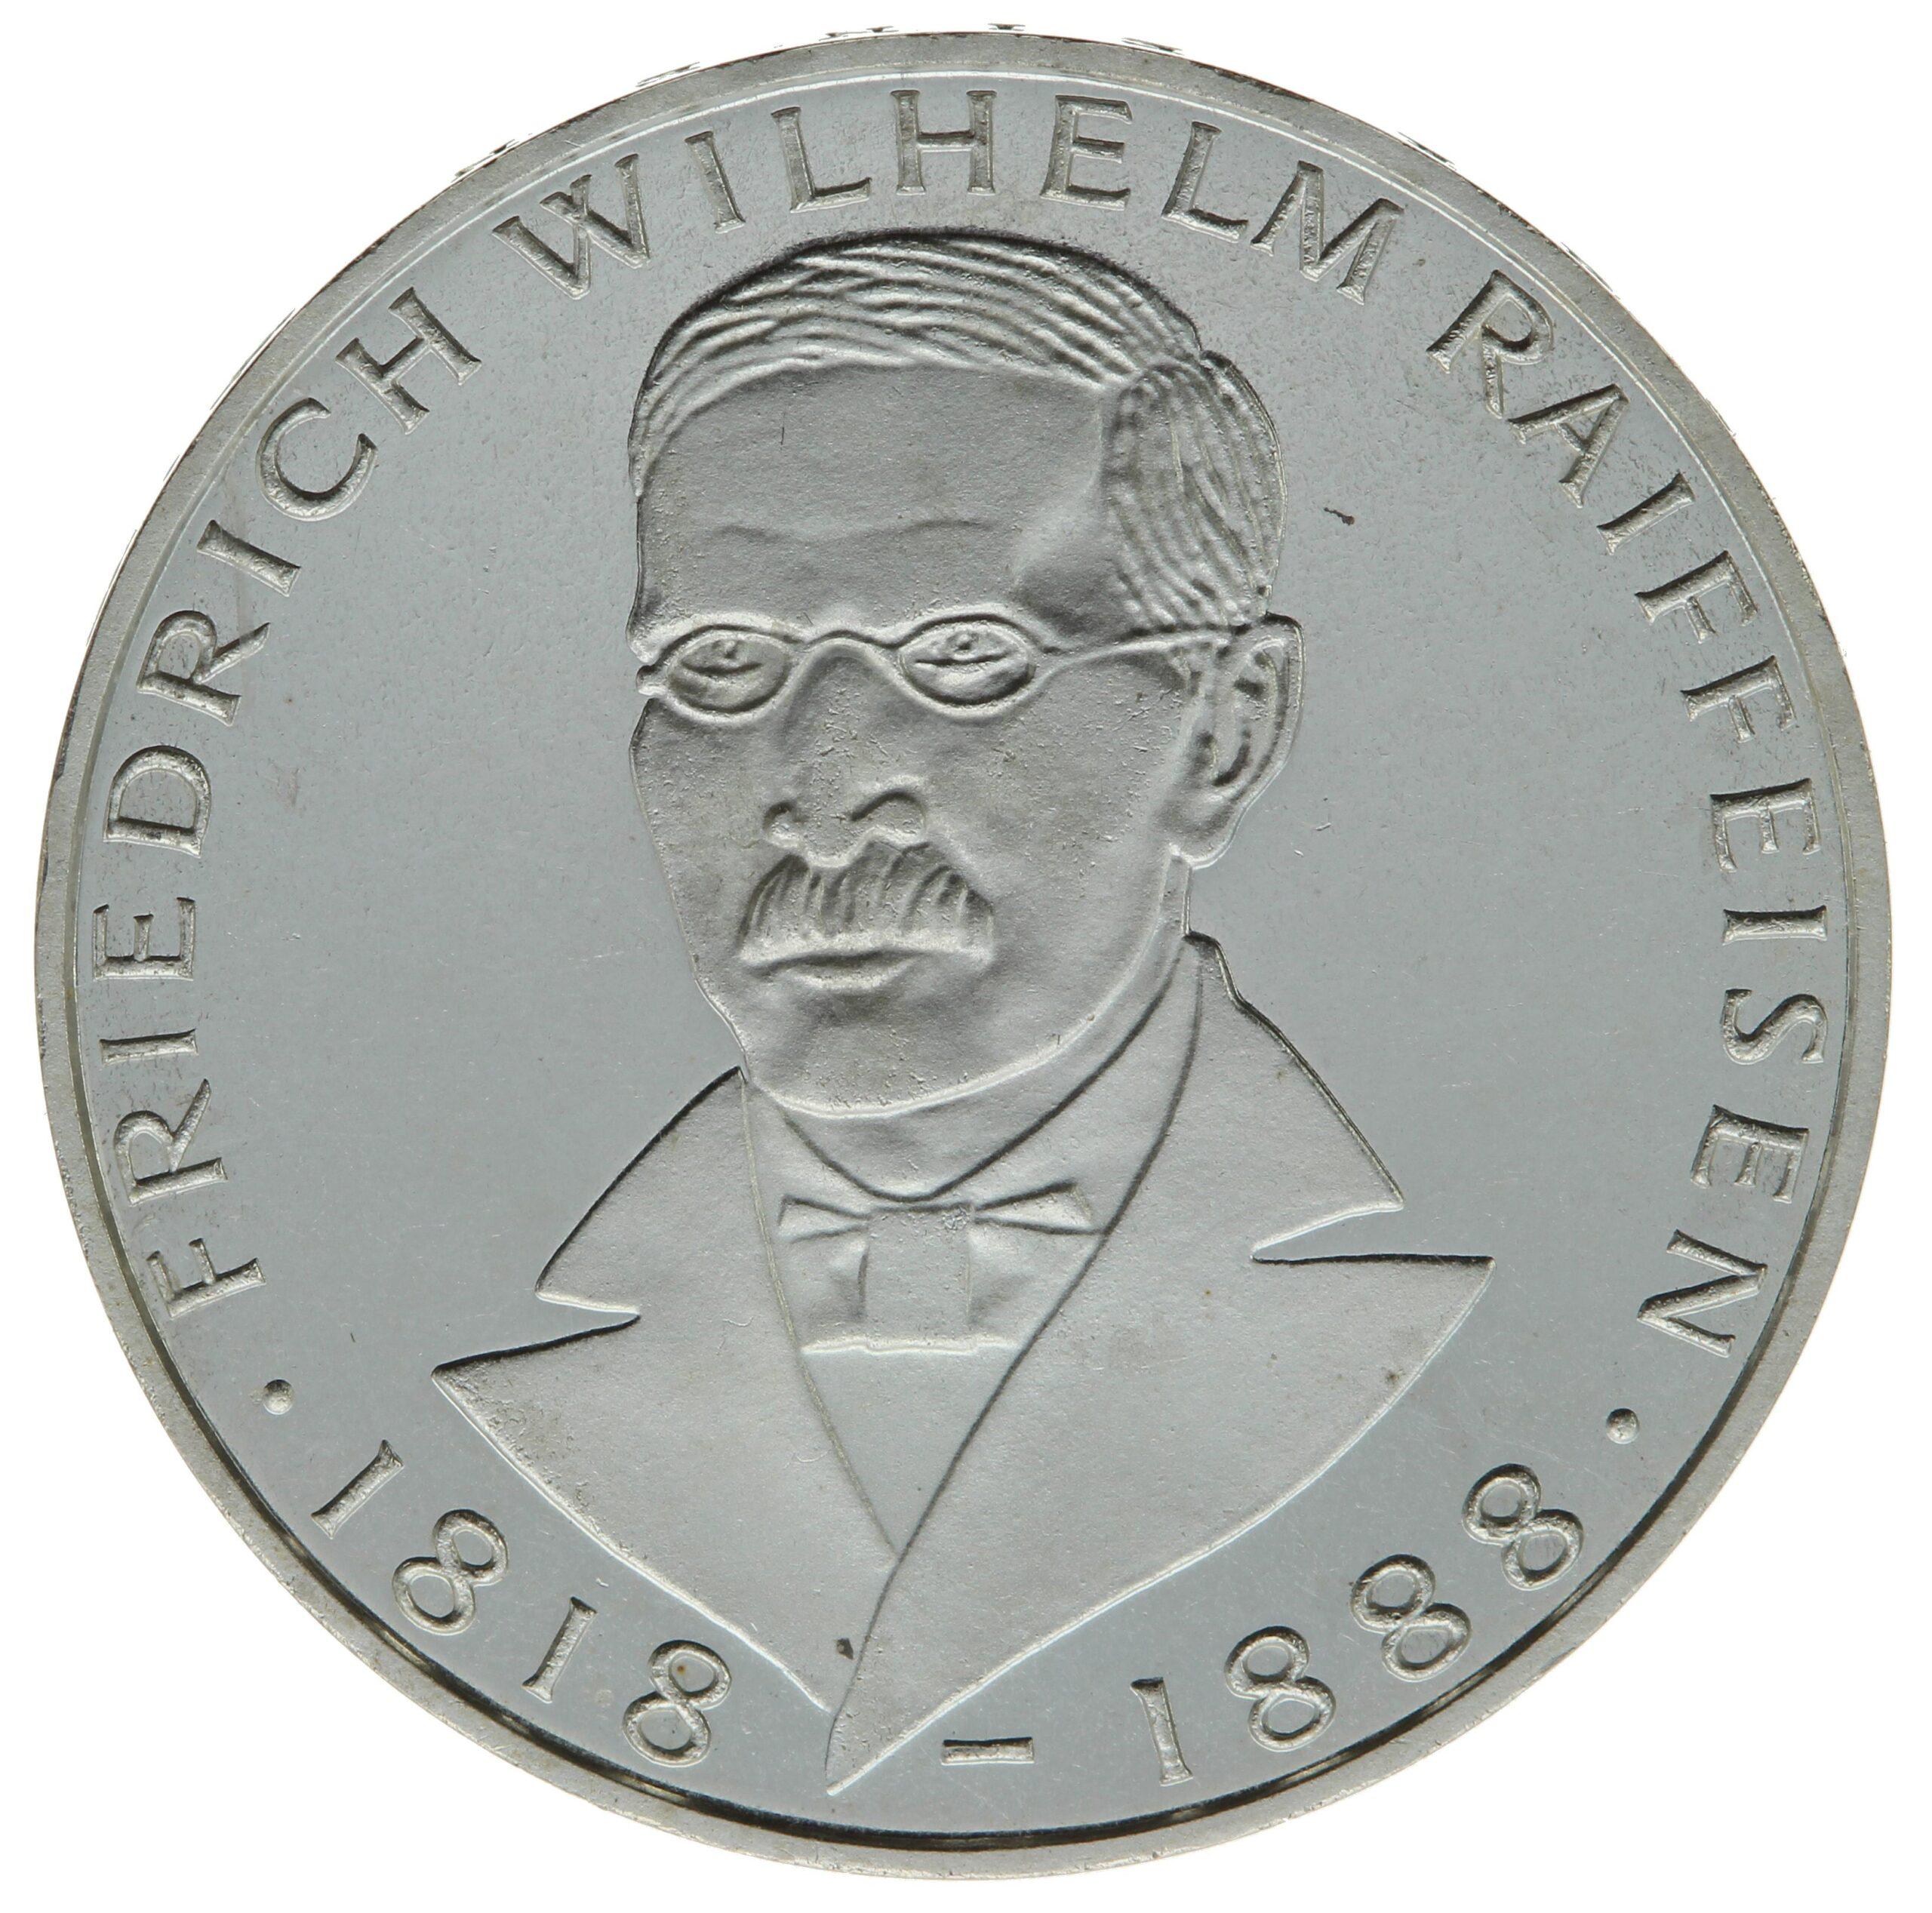 DE 5 Deutsche Mark 1968 J